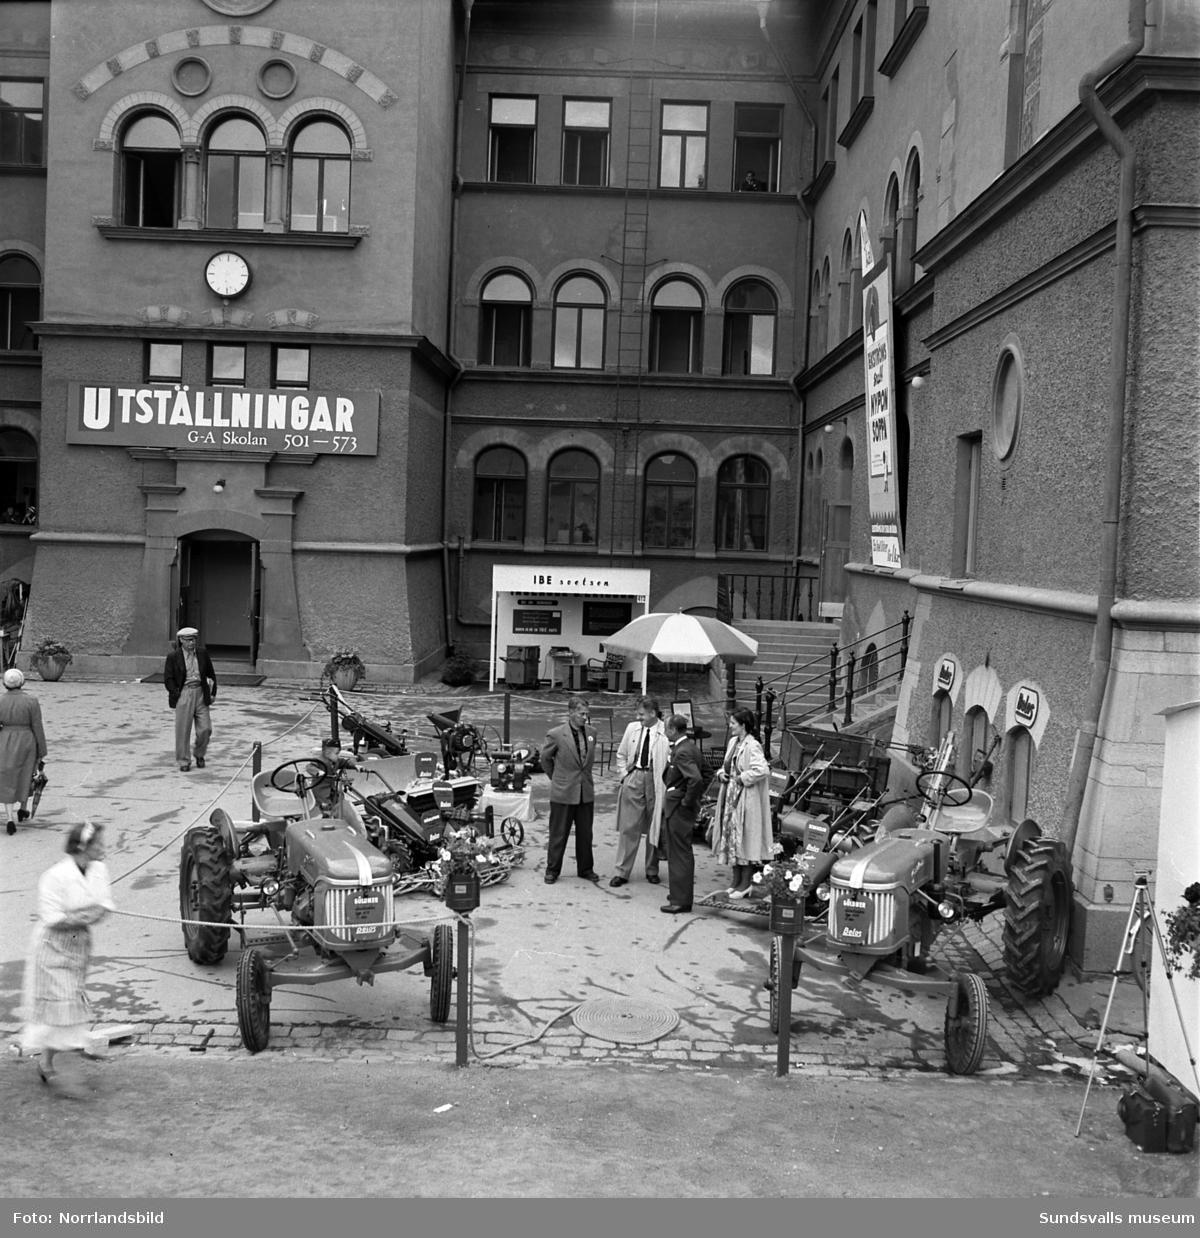 Olika Belos olika jordbruksmaskiner och arbetsredskap visas vid GA-skolan under Sundsvallsmässan 1954.